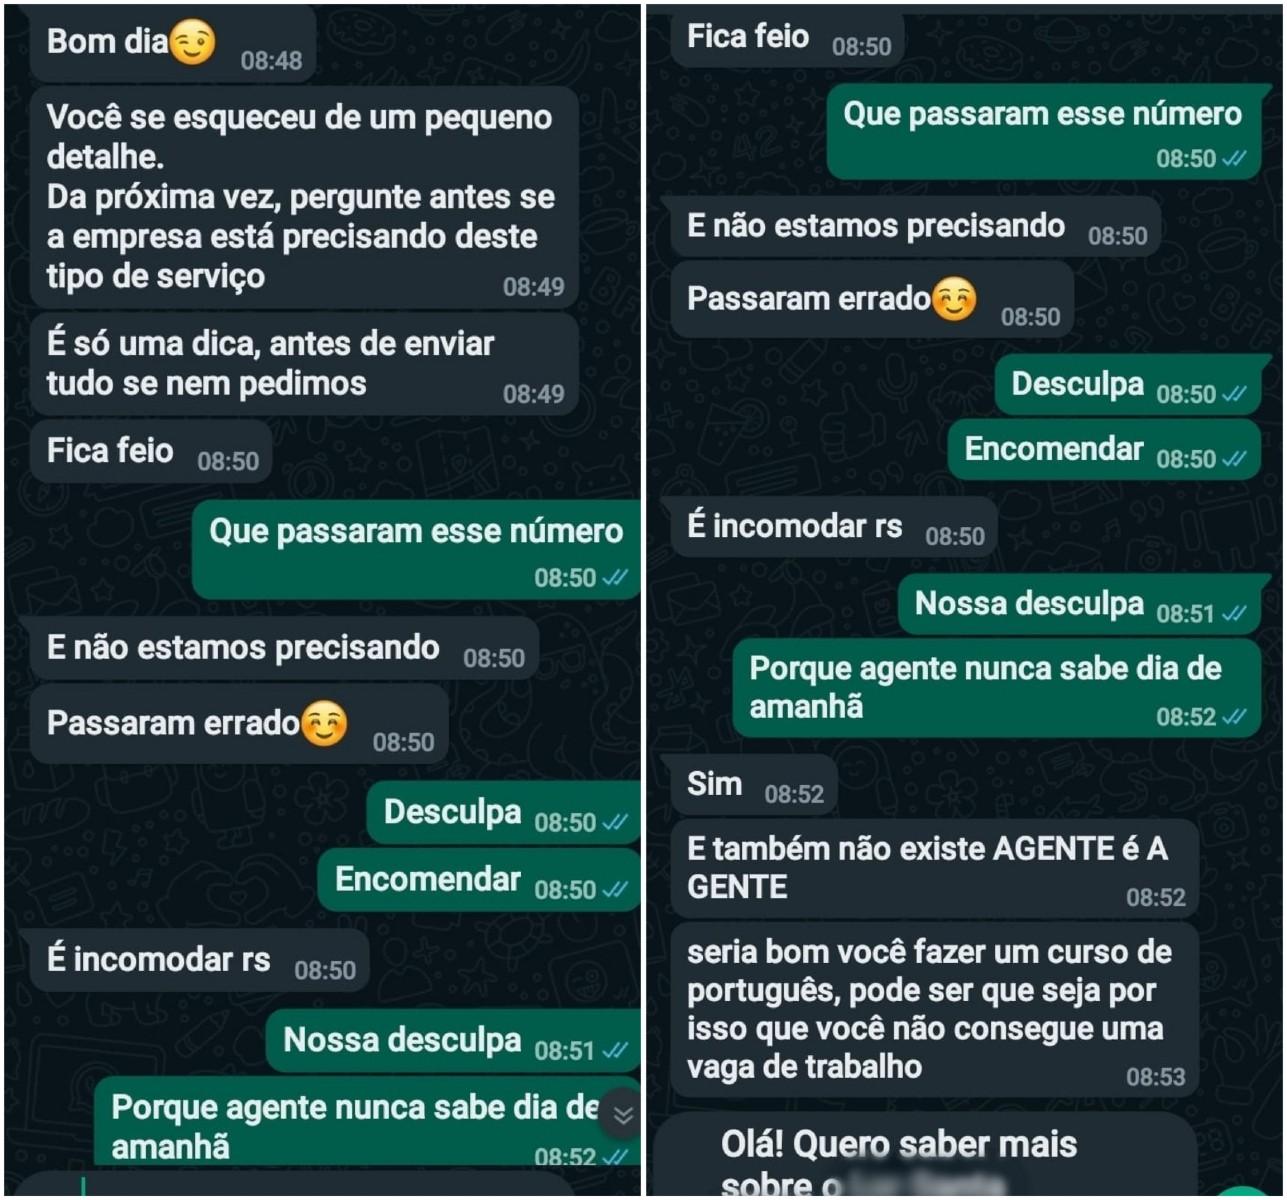 Cuidadora manda currículo para asilo e é hostilizada por erros de português em mensagens: 'Por isso que não arruma trabalho'